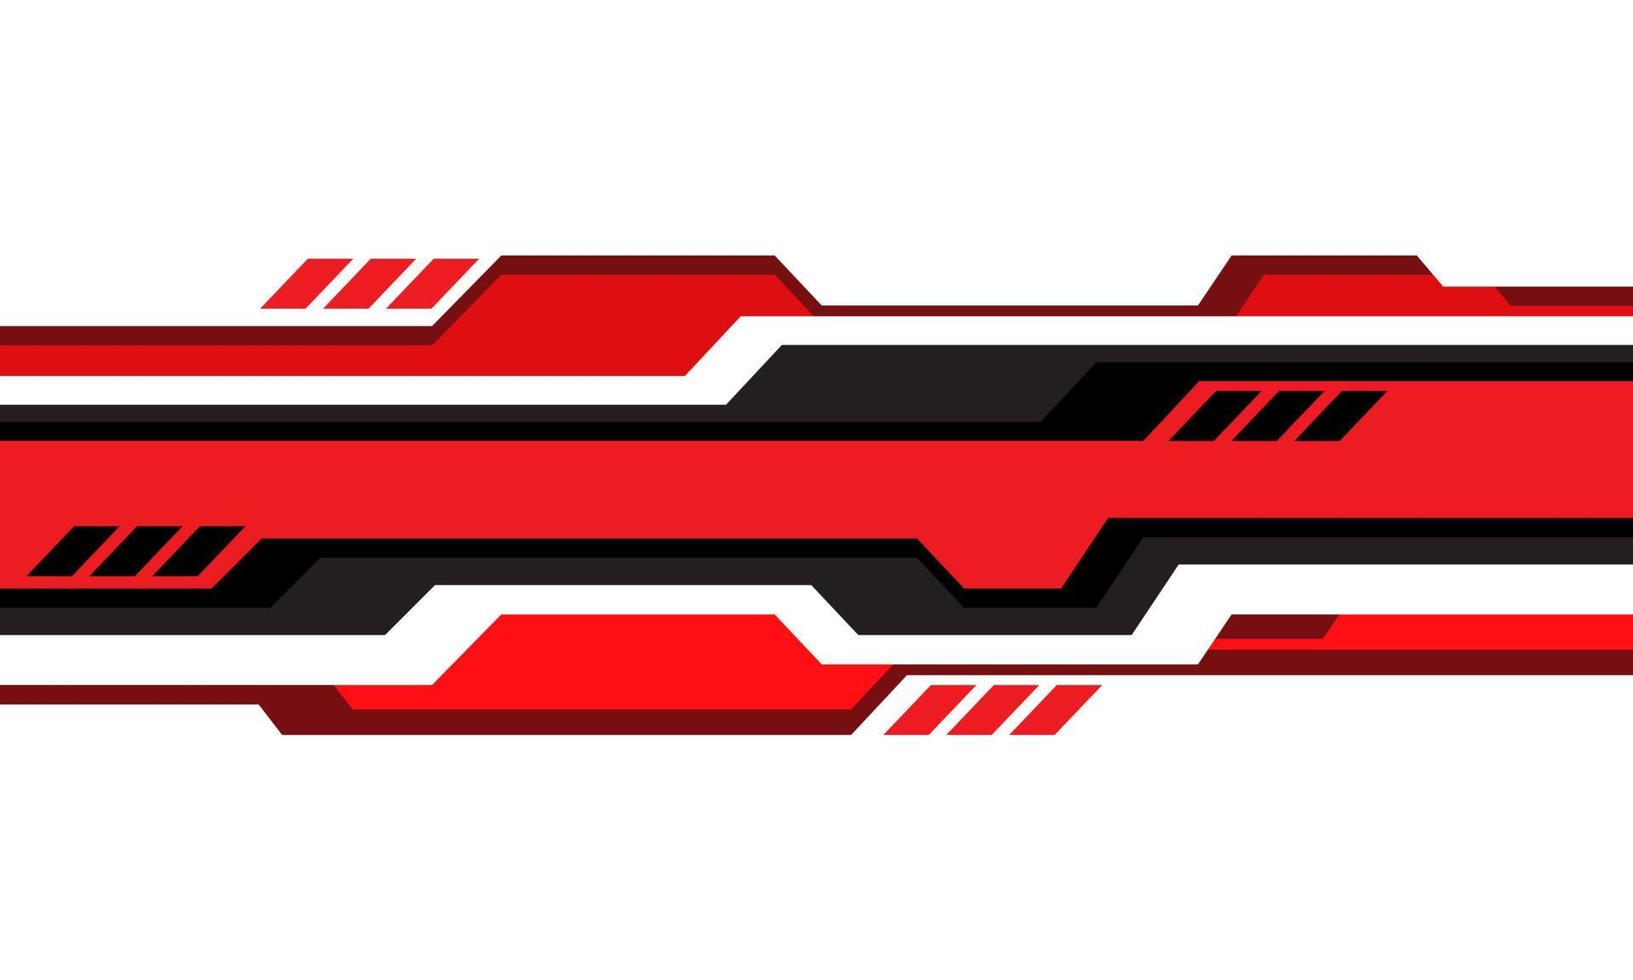 linha geométrica cibernética cinza vermelha abstrata em vetor de fundo de tecnologia futurista moderna de design branco